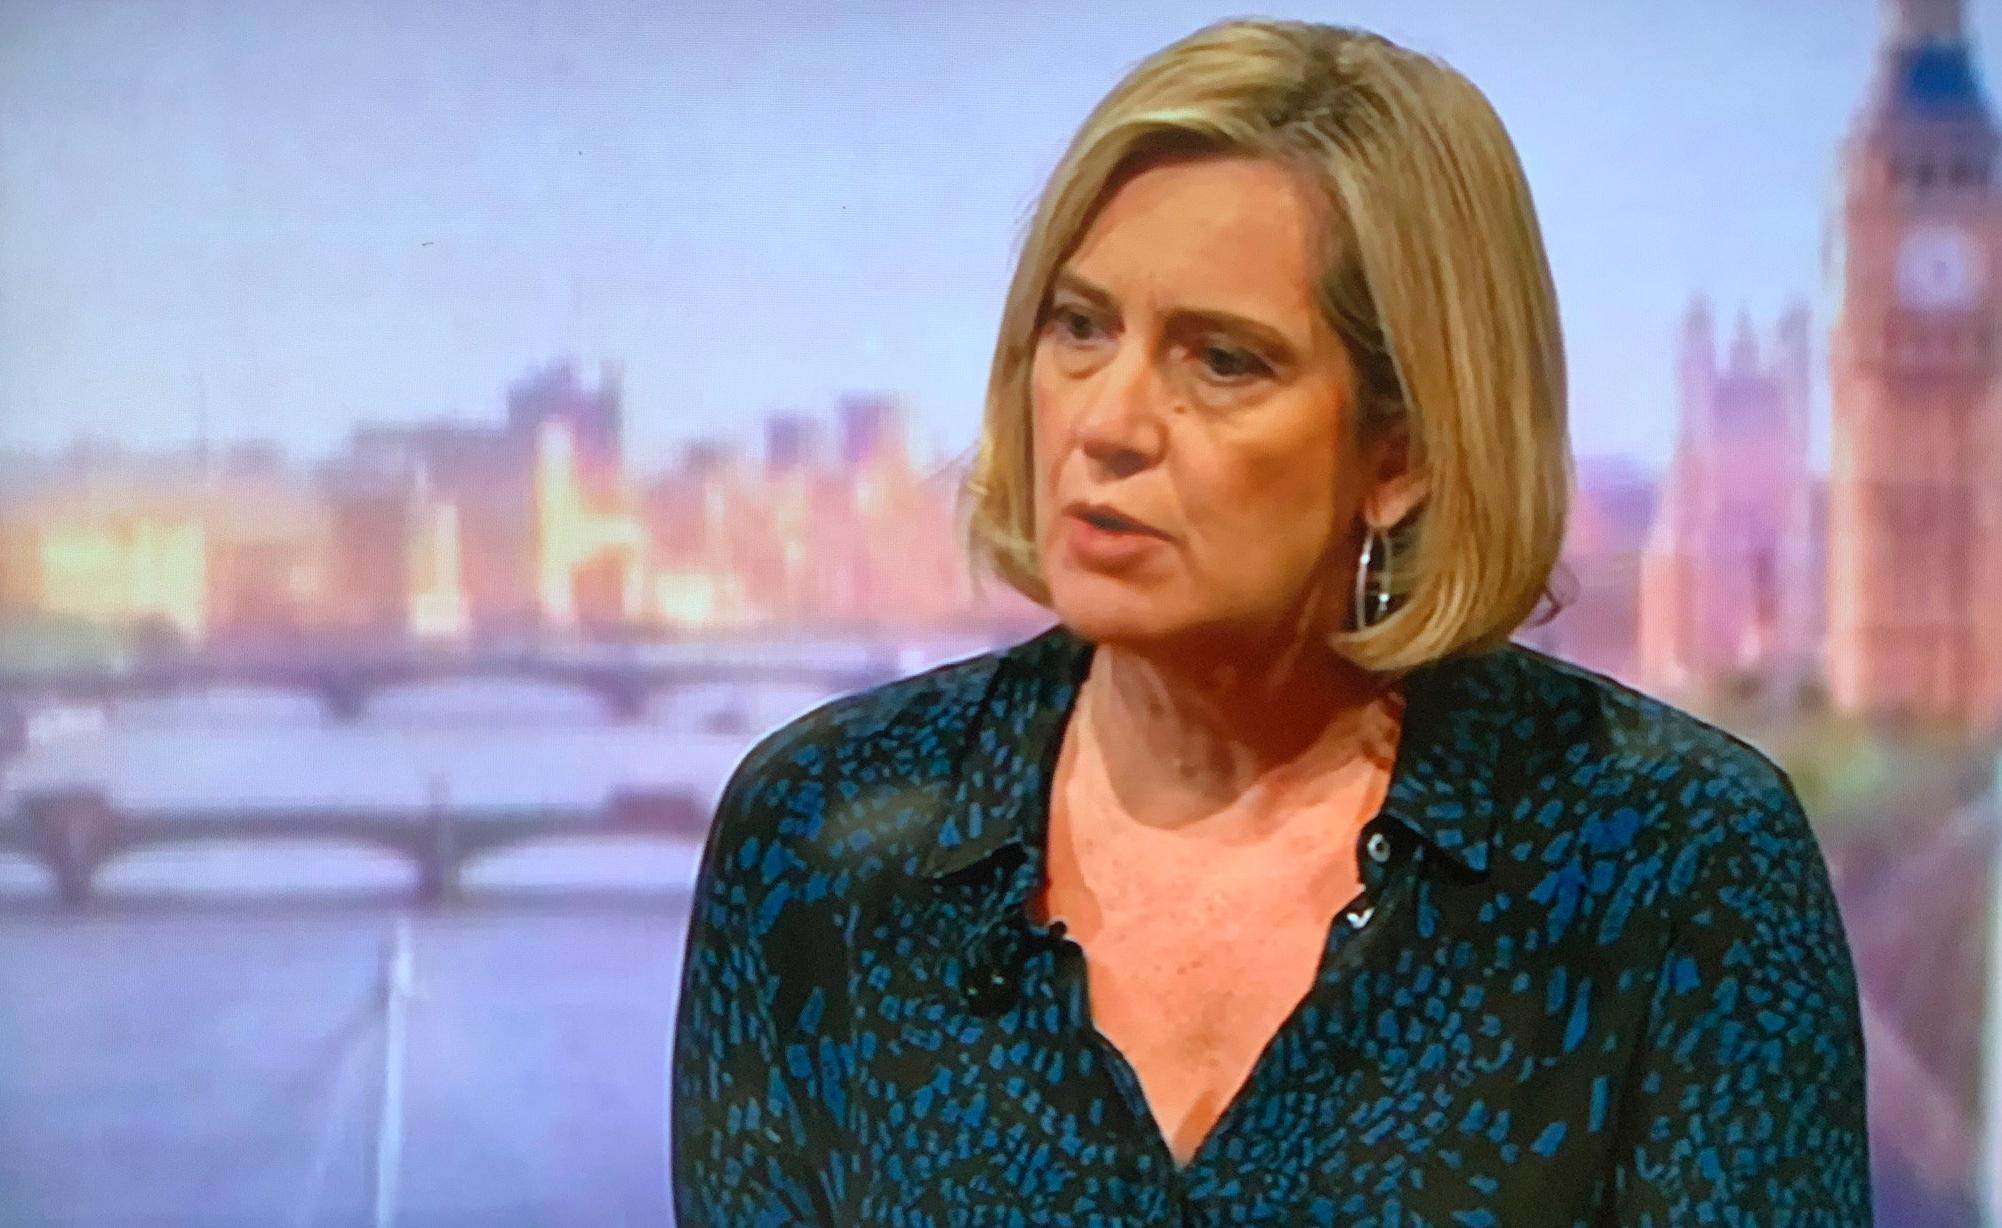 Rudd's move was 'elegant pivot' not a careerist U-turn